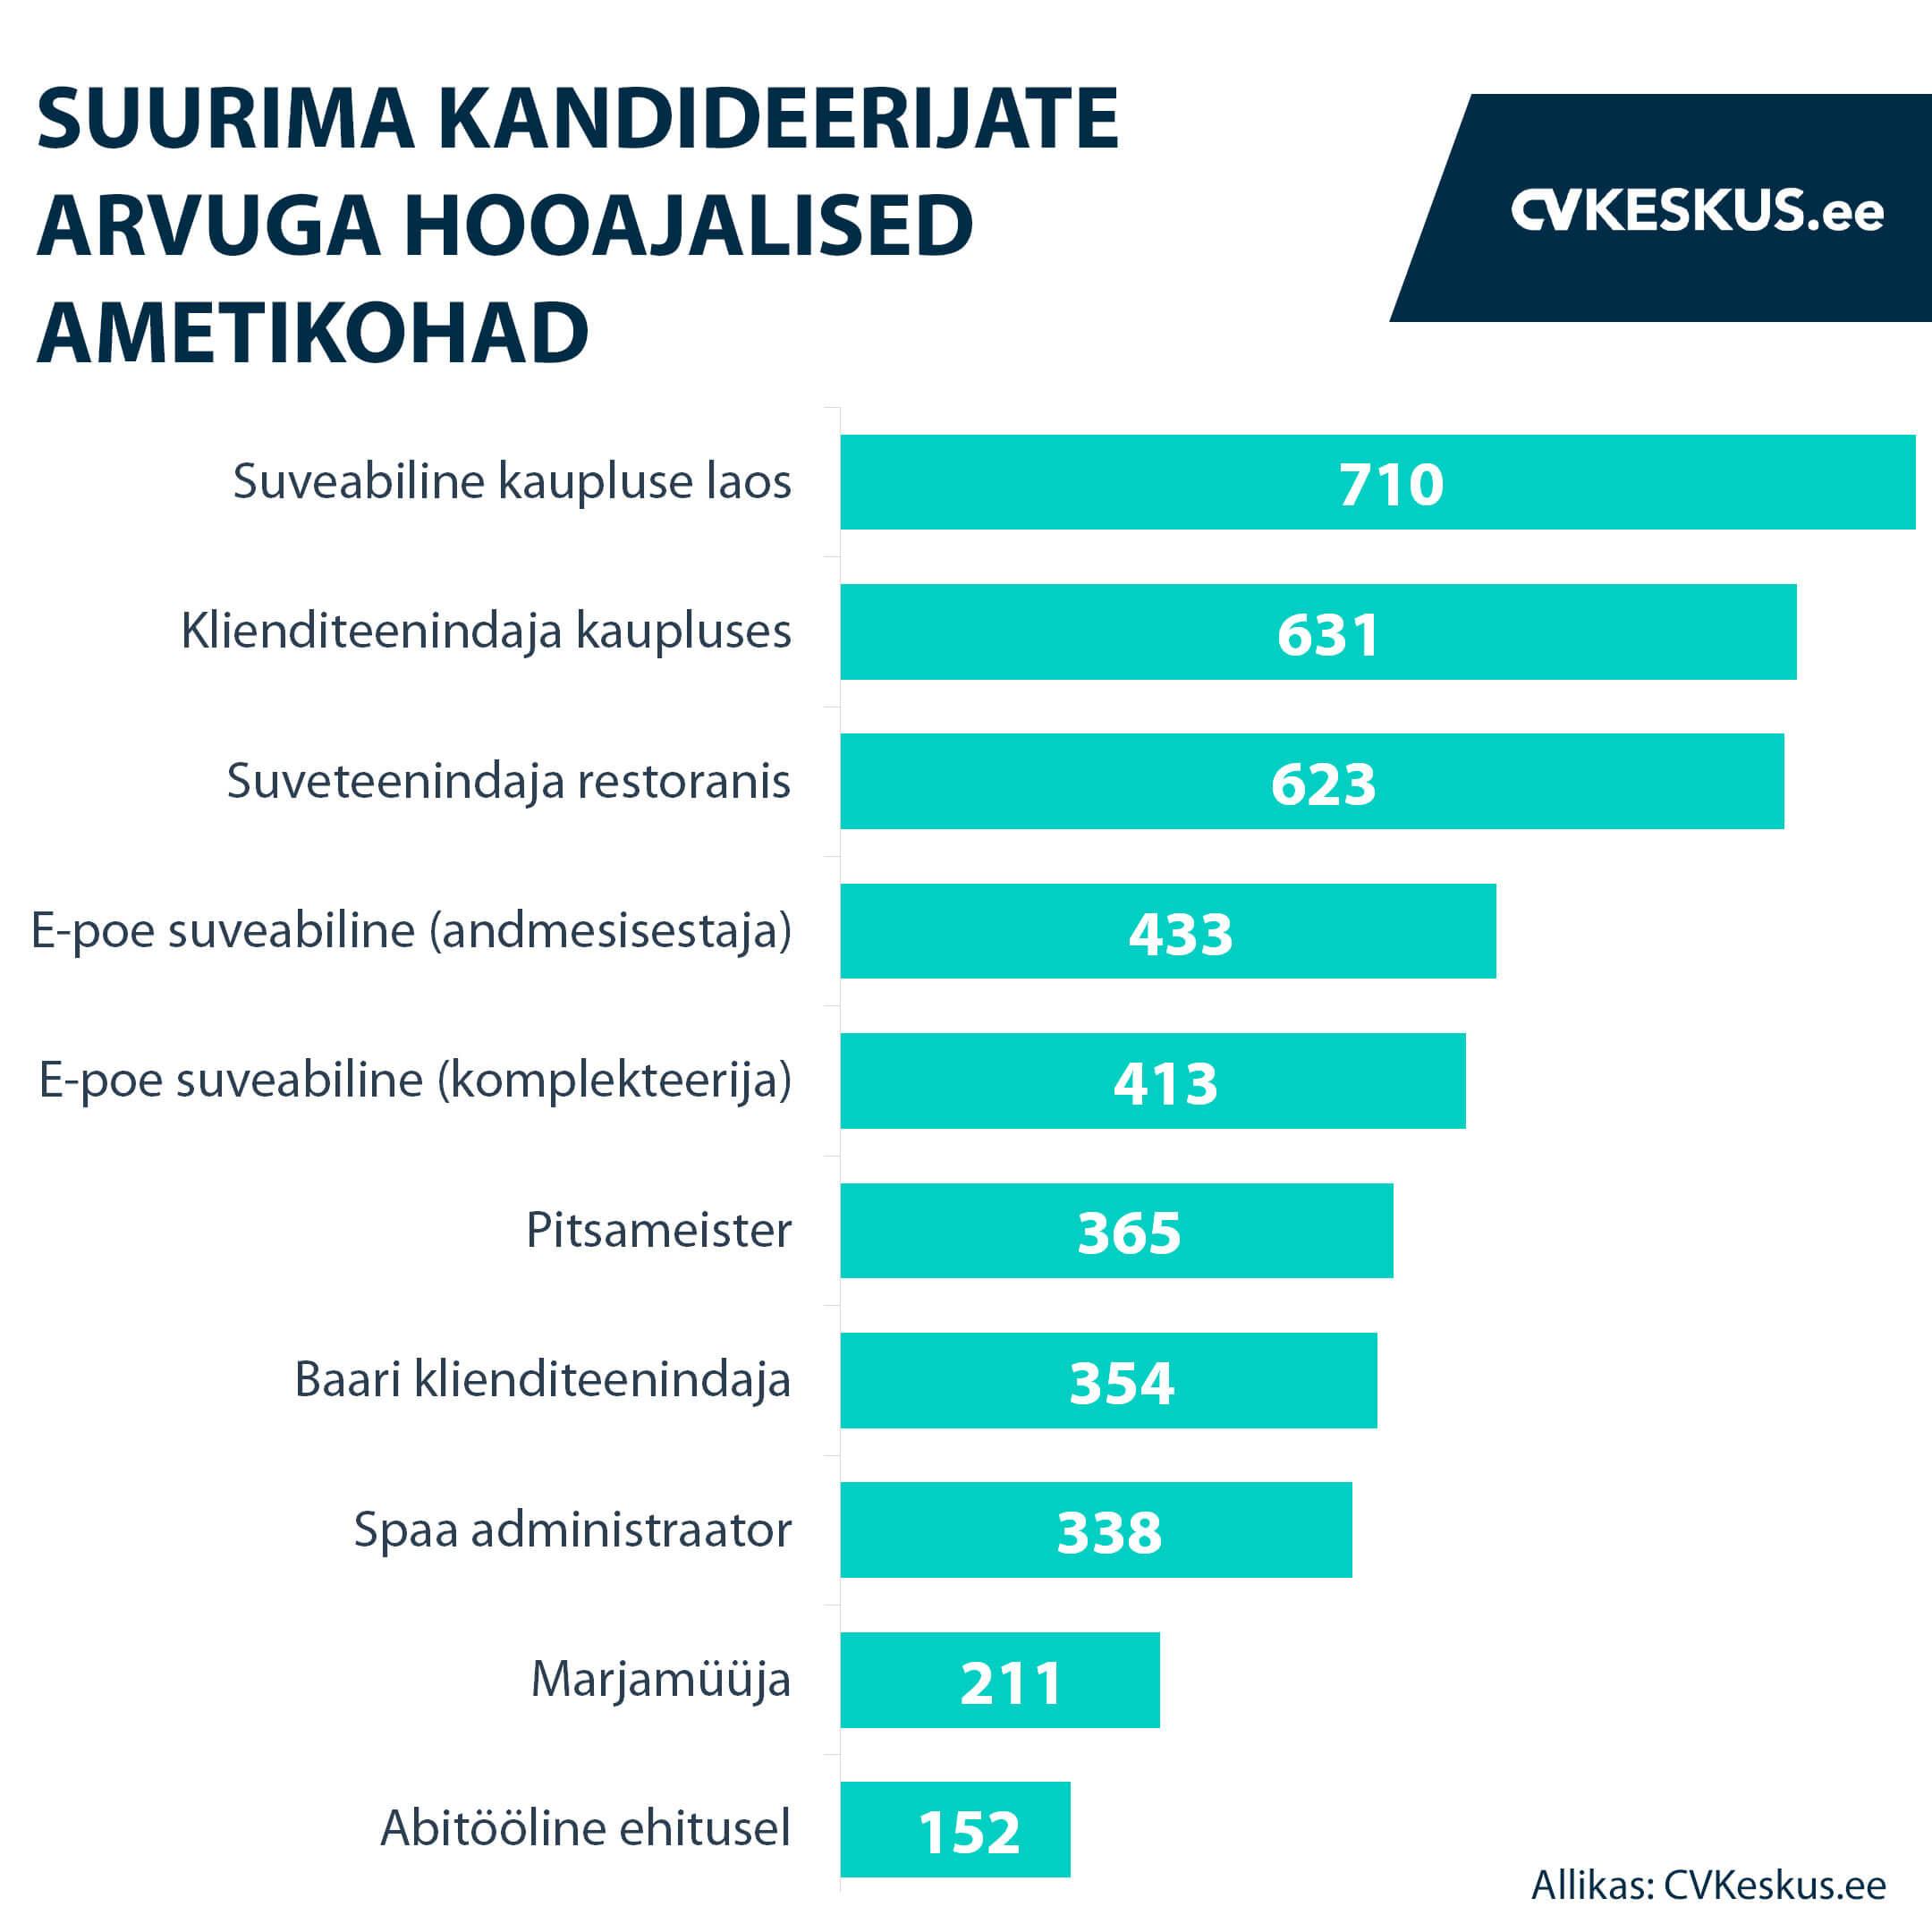 Suurima kandideerijate arvuga hooajalised ametikohad